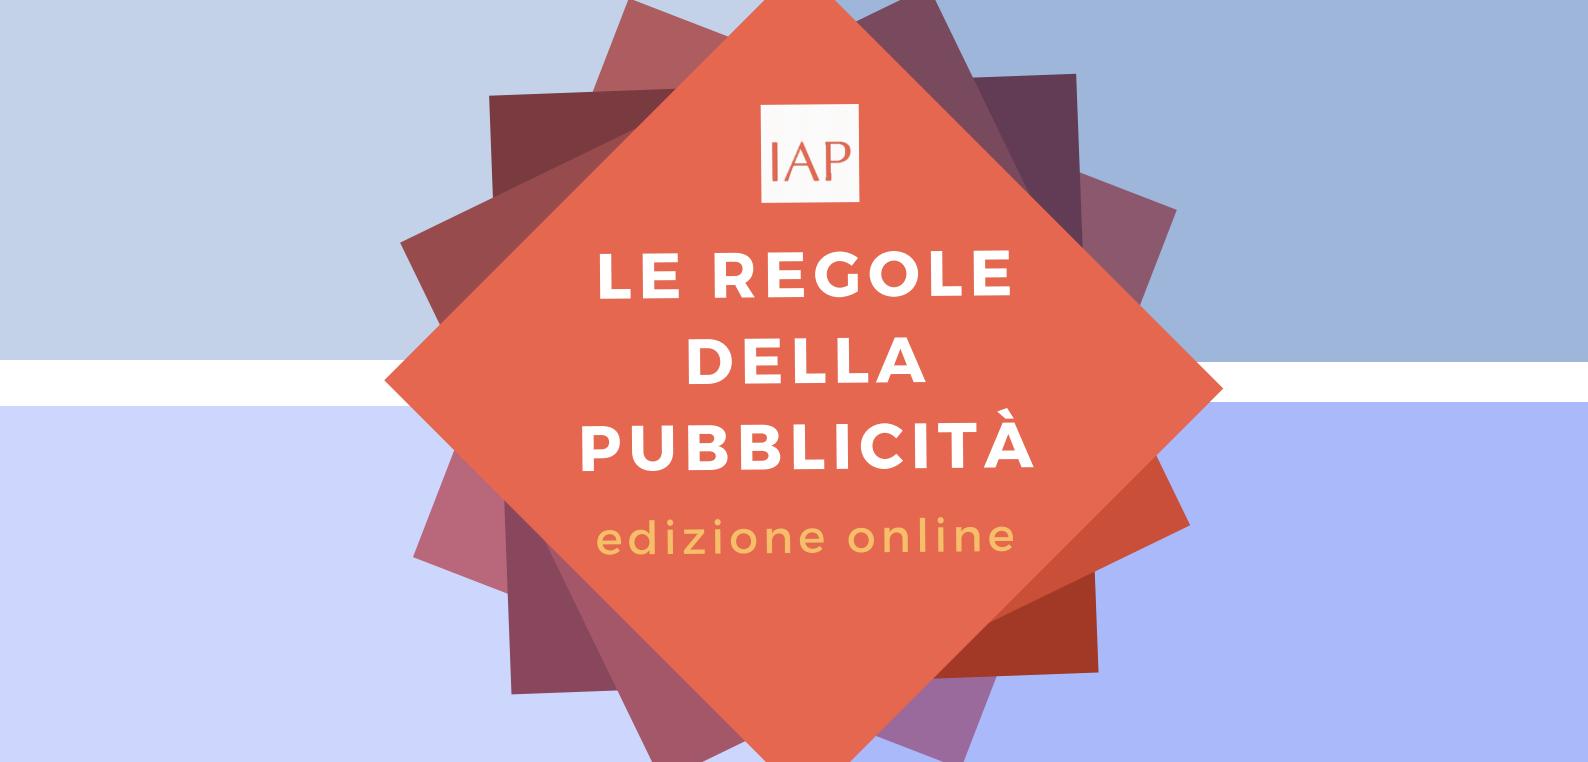 regole-pubblicità-edizione-online-corso-iap